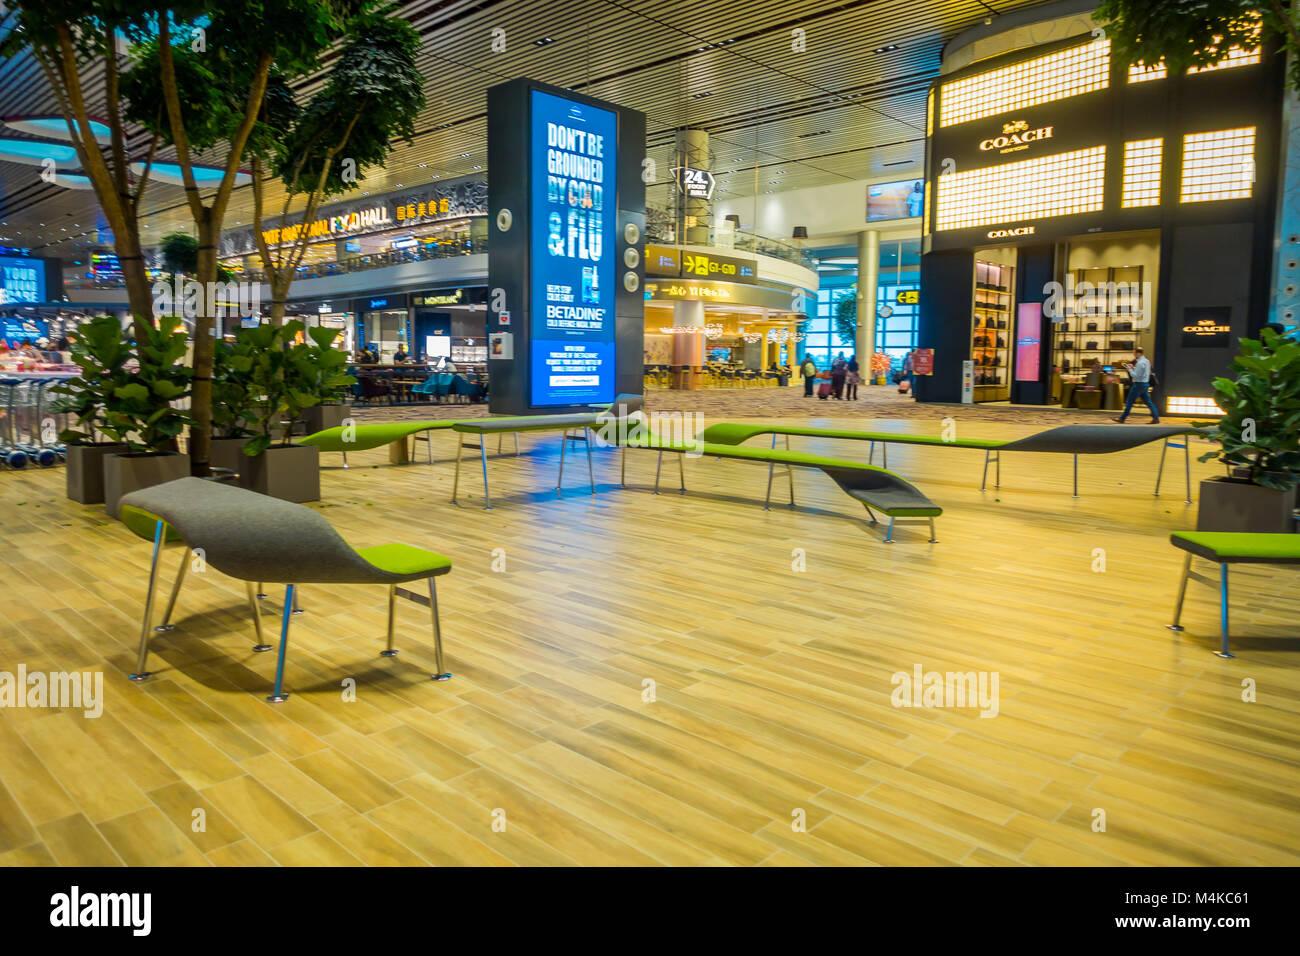 Singapur, Singapur - Januar 30, 2018: Wunderschöne Innenpool Blick der wartenden Wohnbereich mit sonderbaren grüne Stockfoto